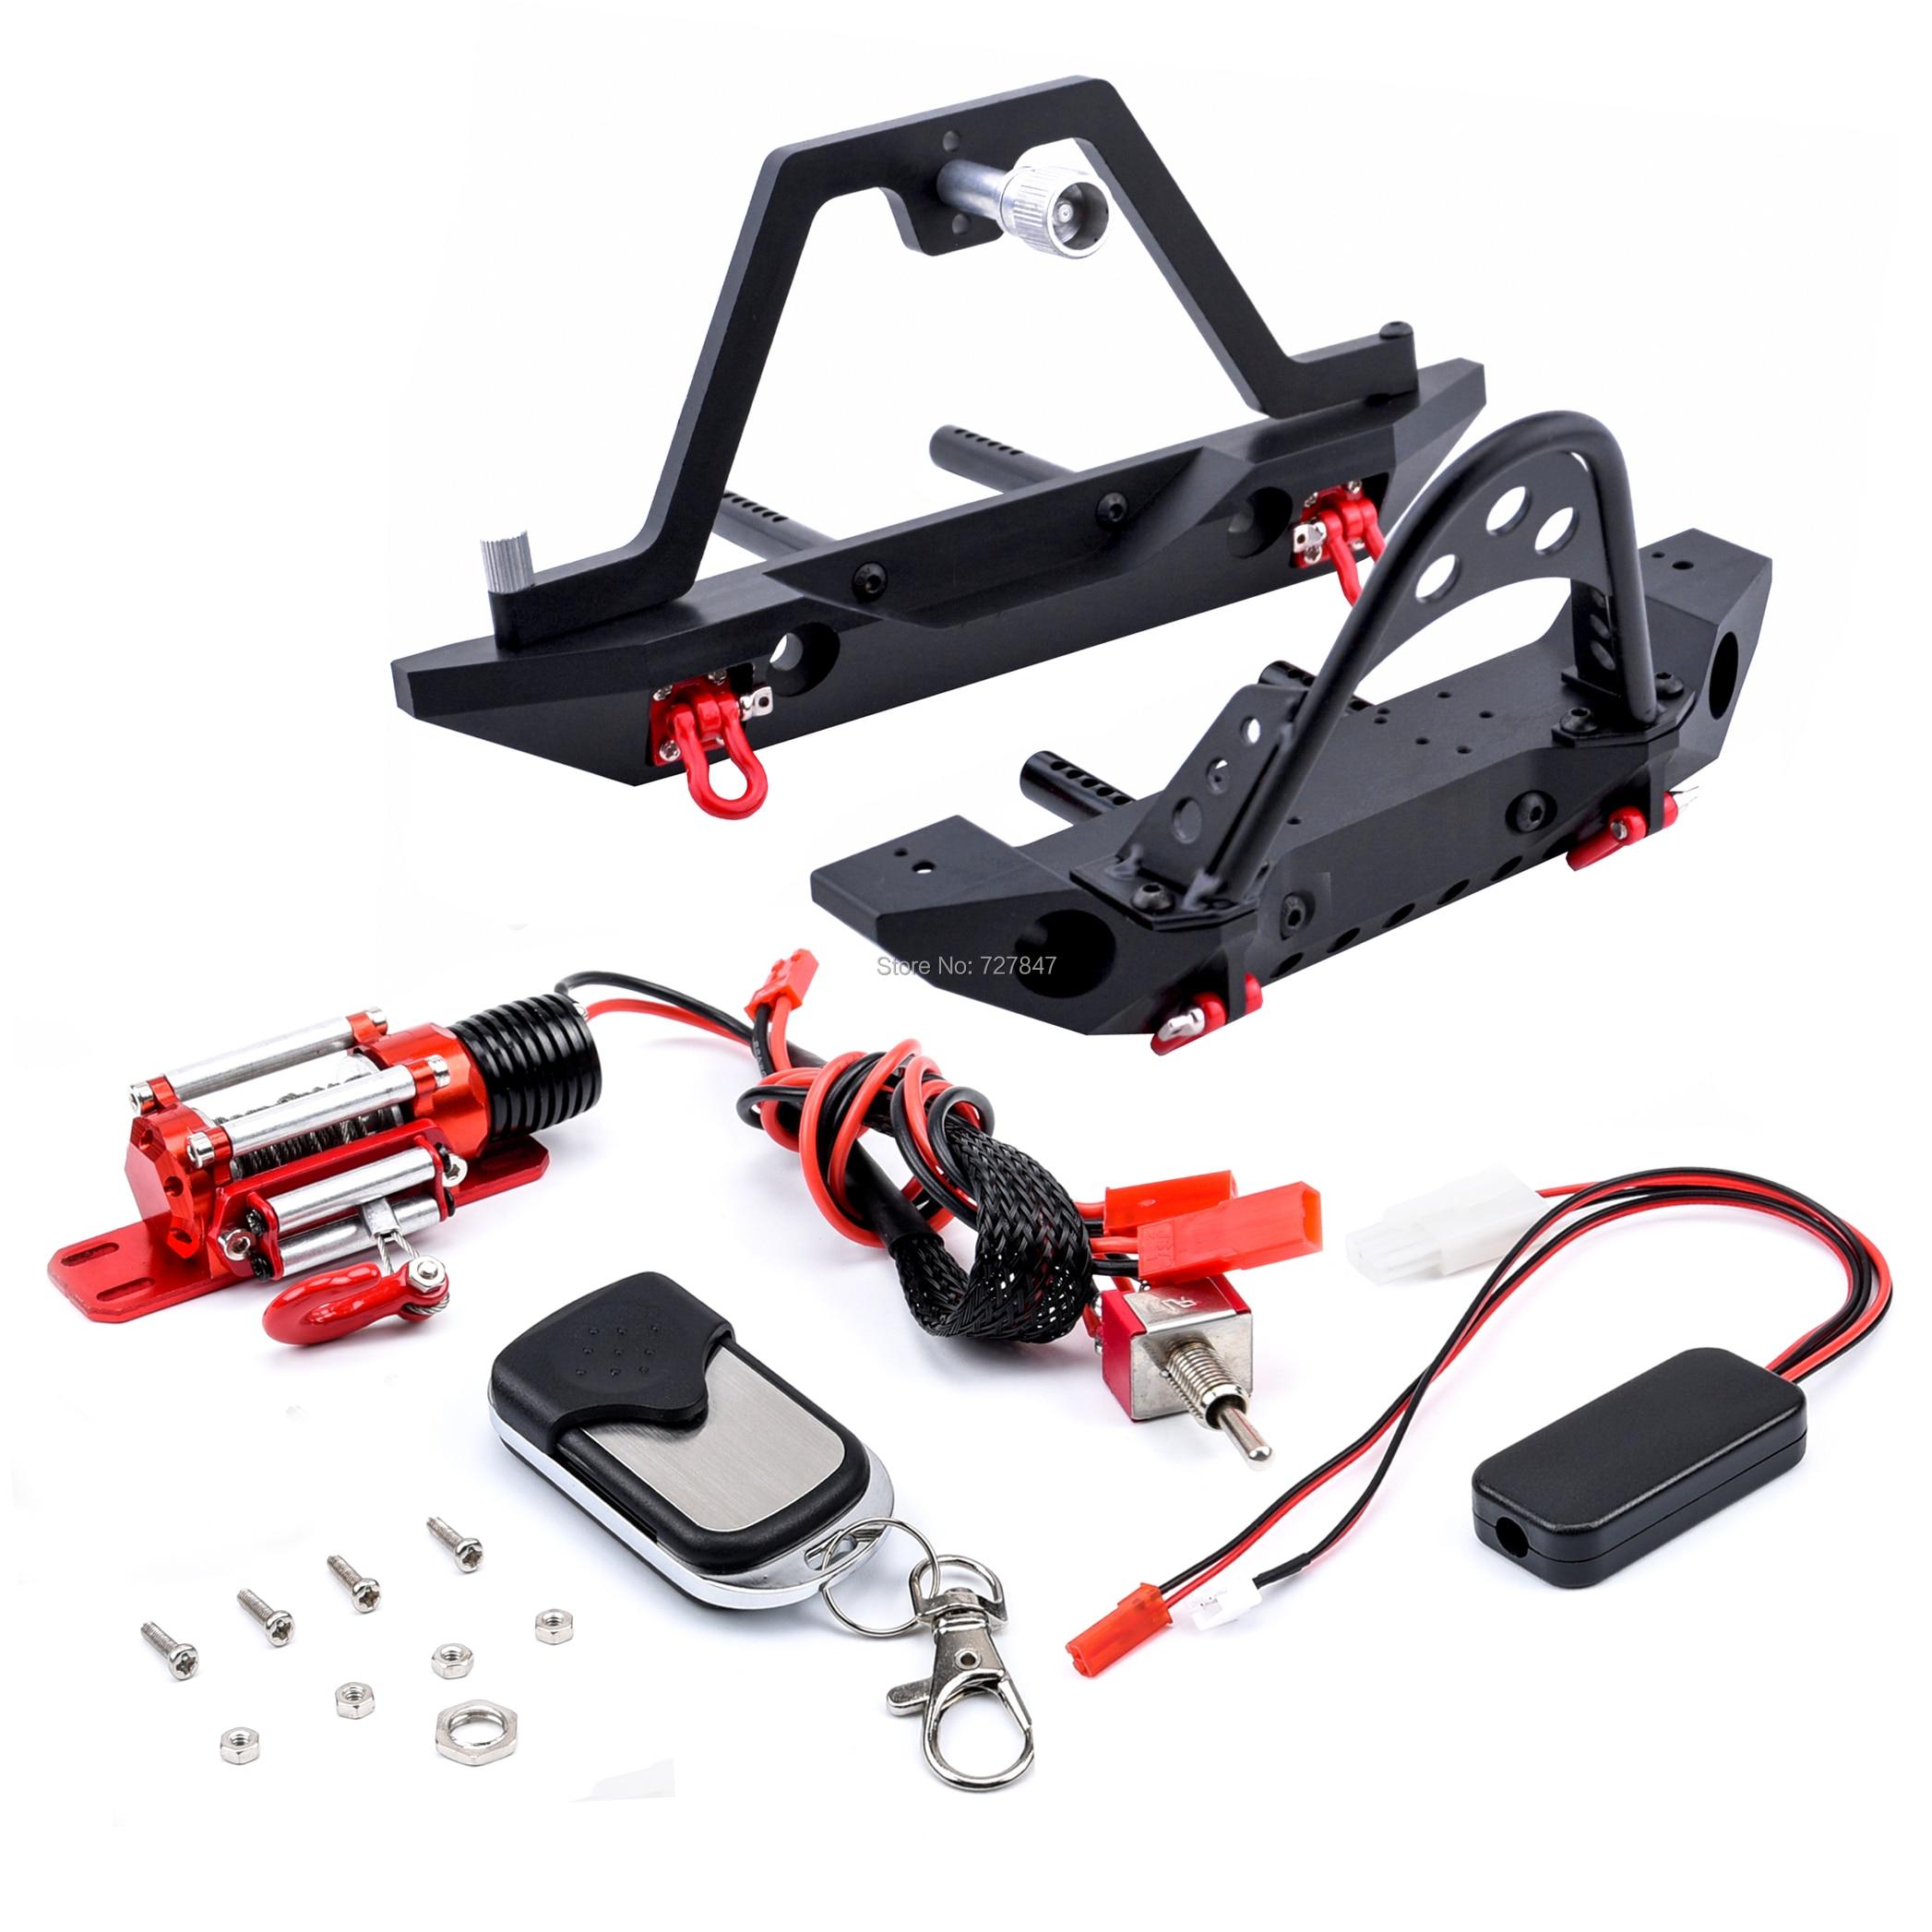 Cabrestante delantero/trasero de Metal/receptor de control remoto para camión 1/10 RC Crawler Axial SCX10 RC4WD 90046 D90 Traxxas TRX4